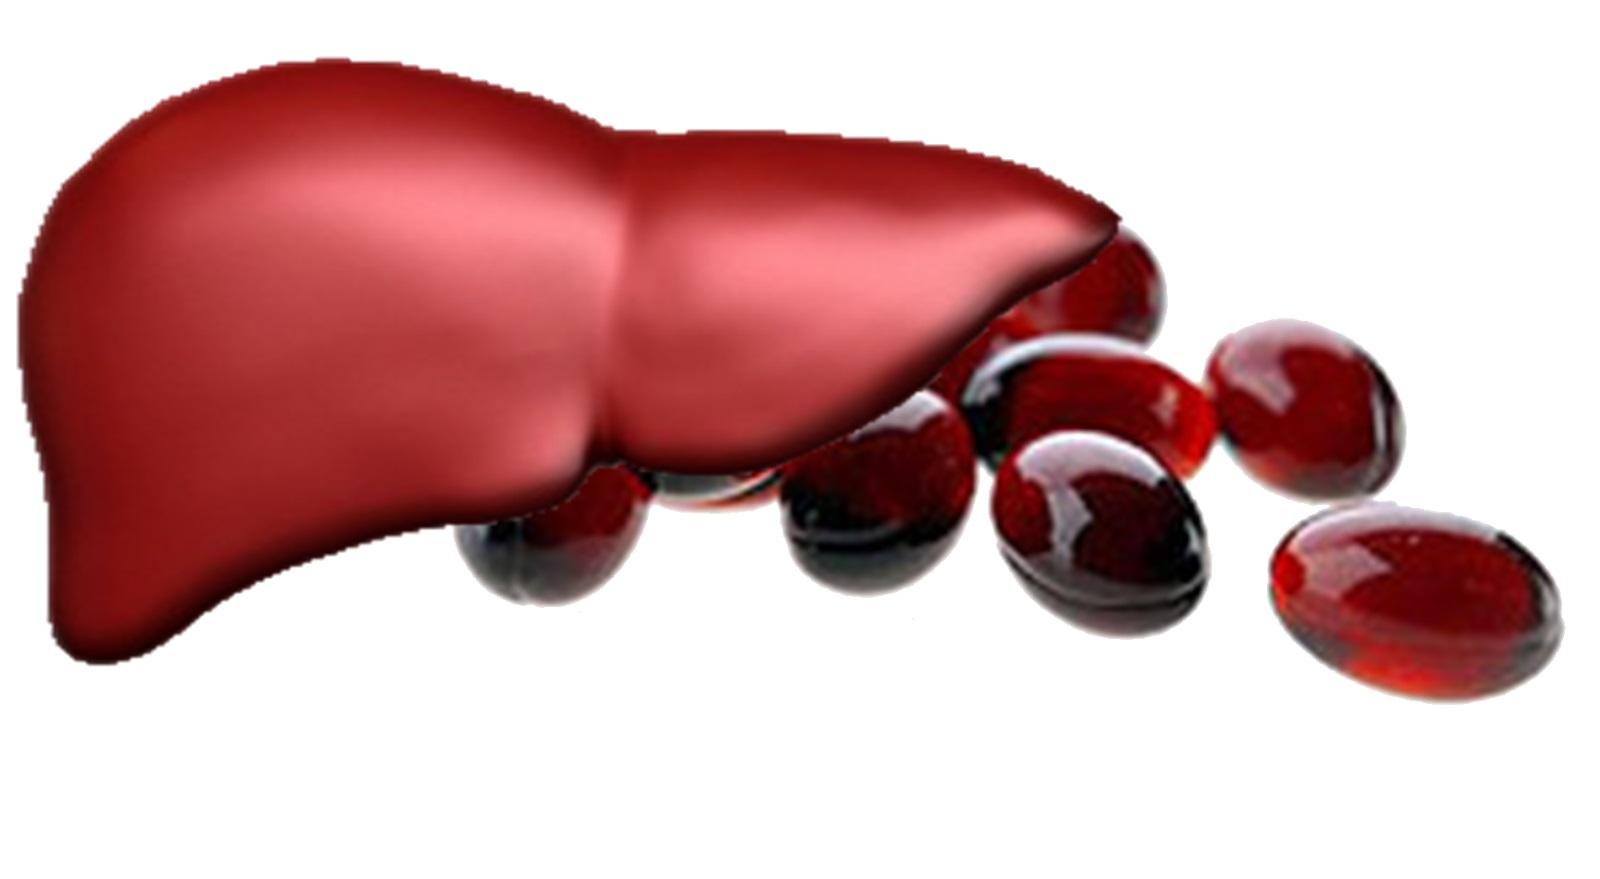 бывает повышенный холестерин крови